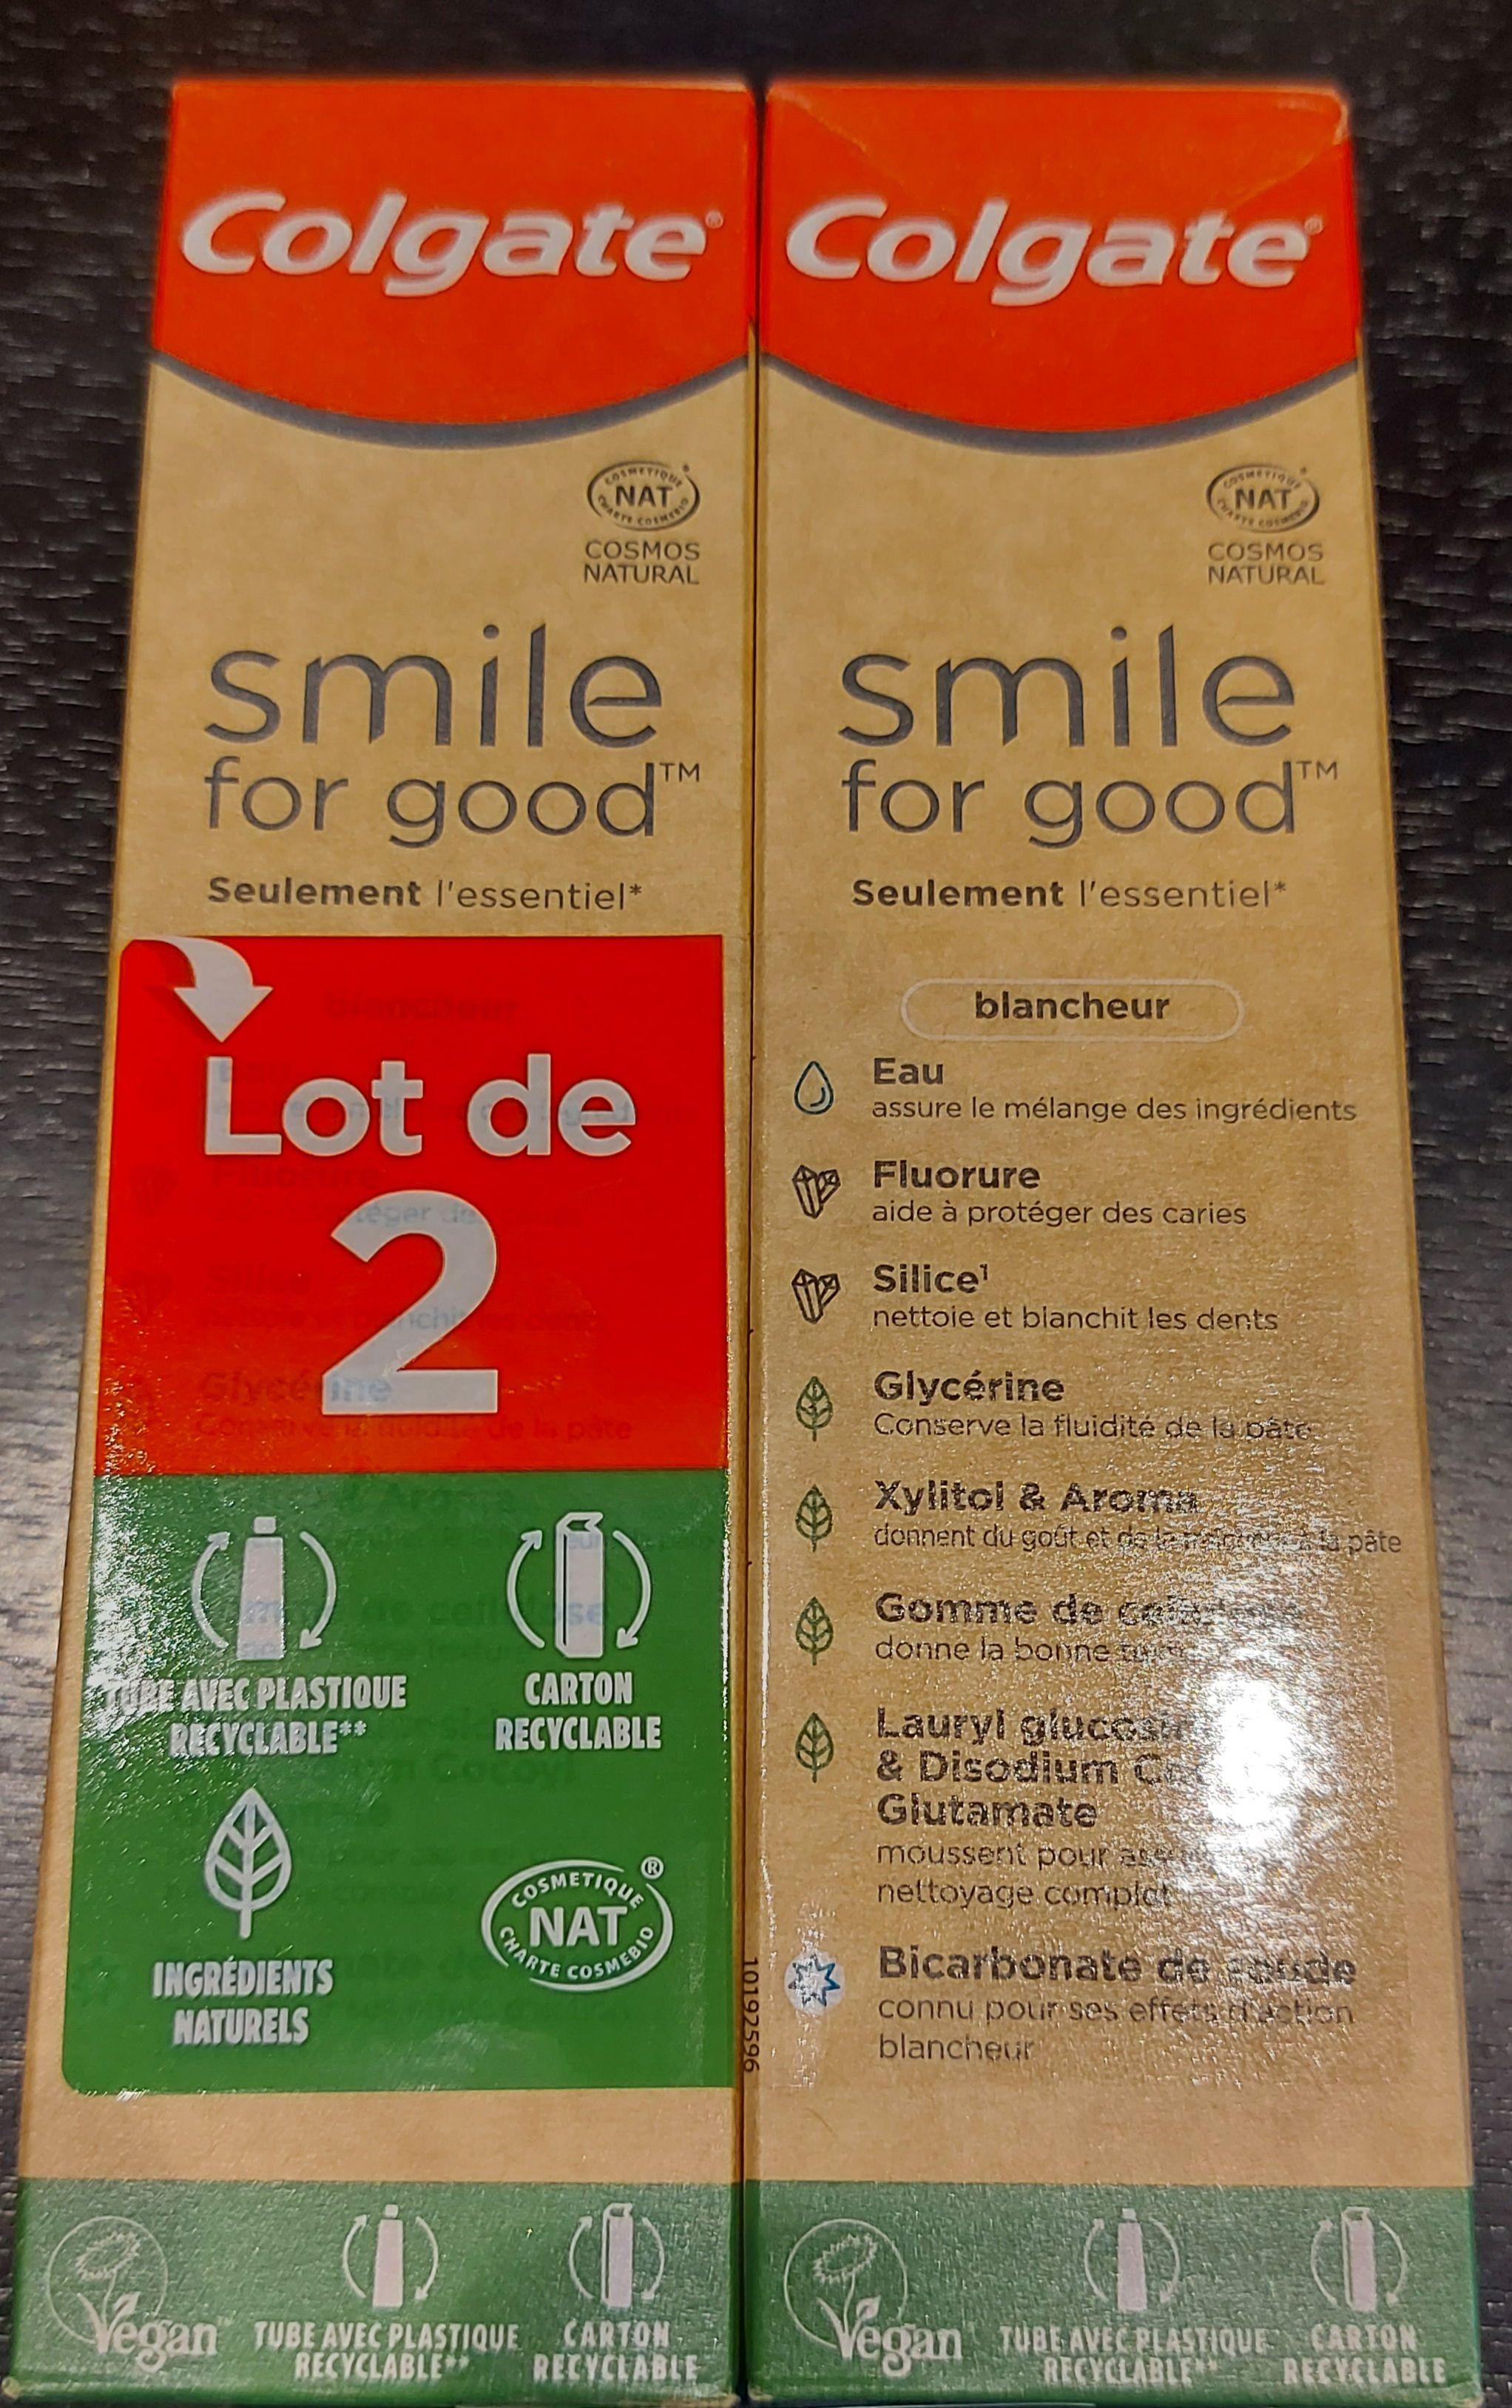 Lot de 2 dentifrices bio Colgate Smile for Good (2 x 75ml) - Cannes la Bocca (06)